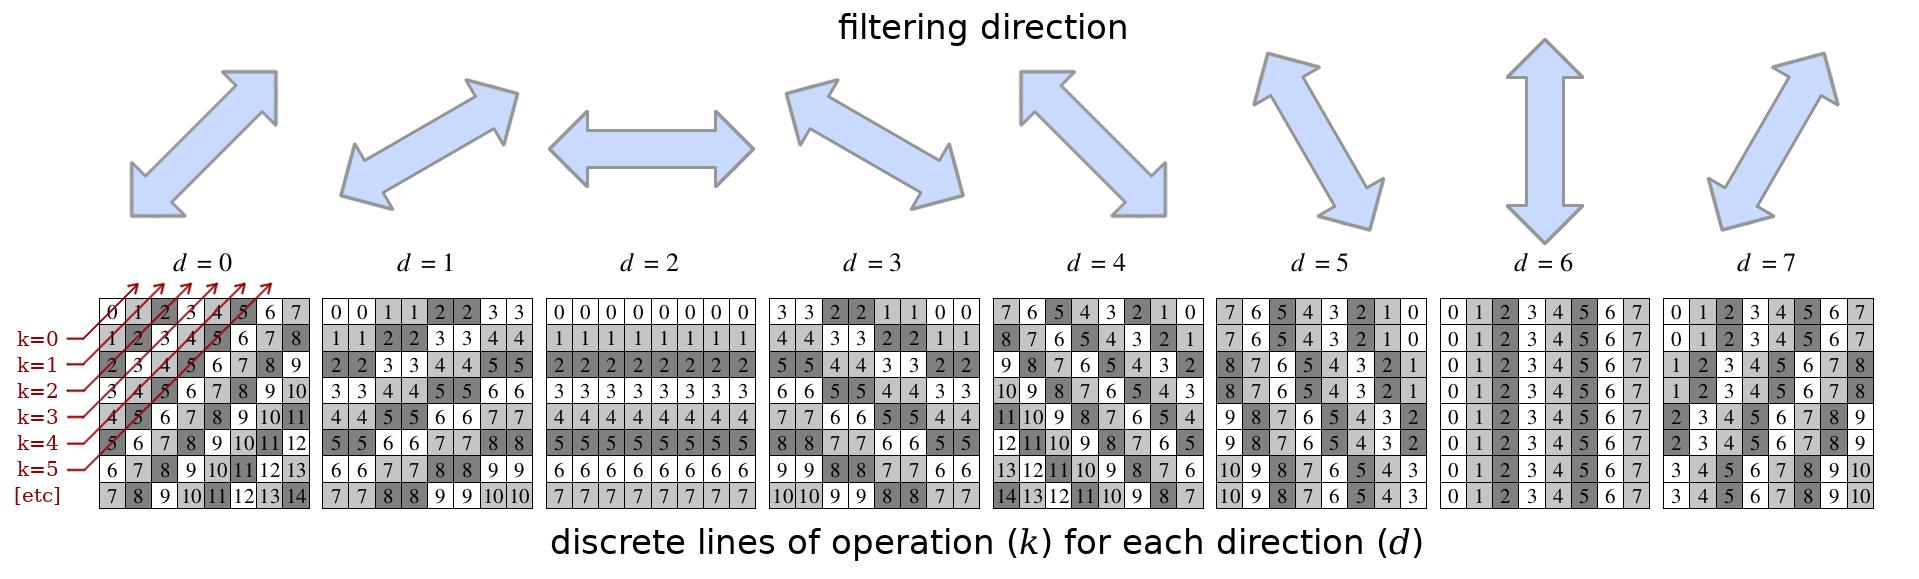 Кодек нового поколения AV1: корректирующий направленный фильтр CDEF - 11